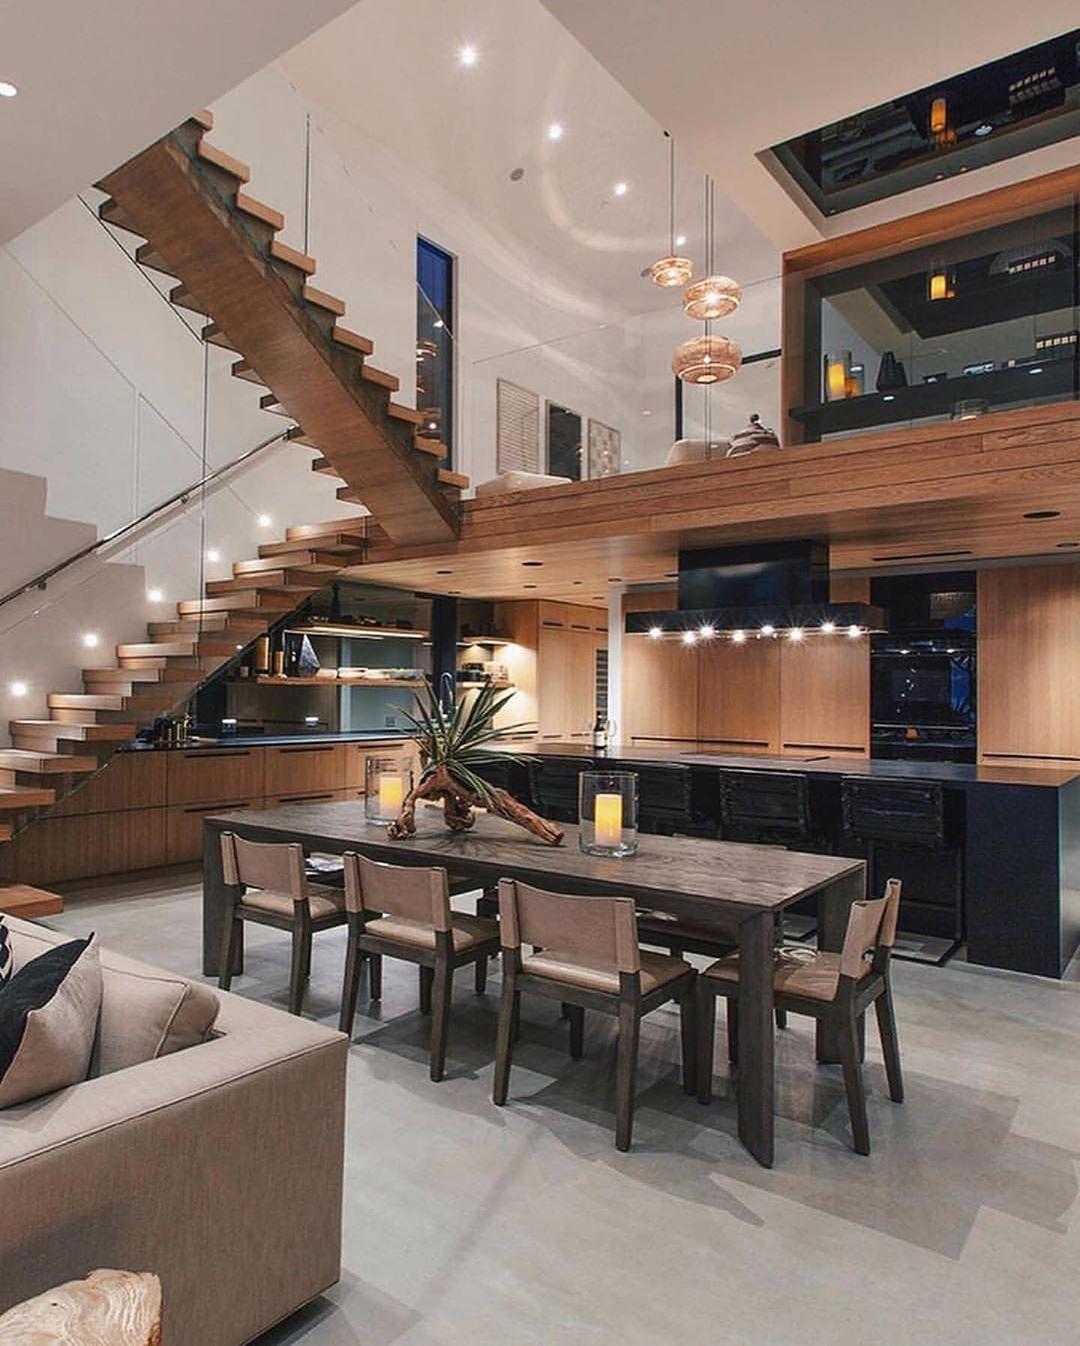 Home Decor Ideas For Living Room 2019 Loft Interior Design